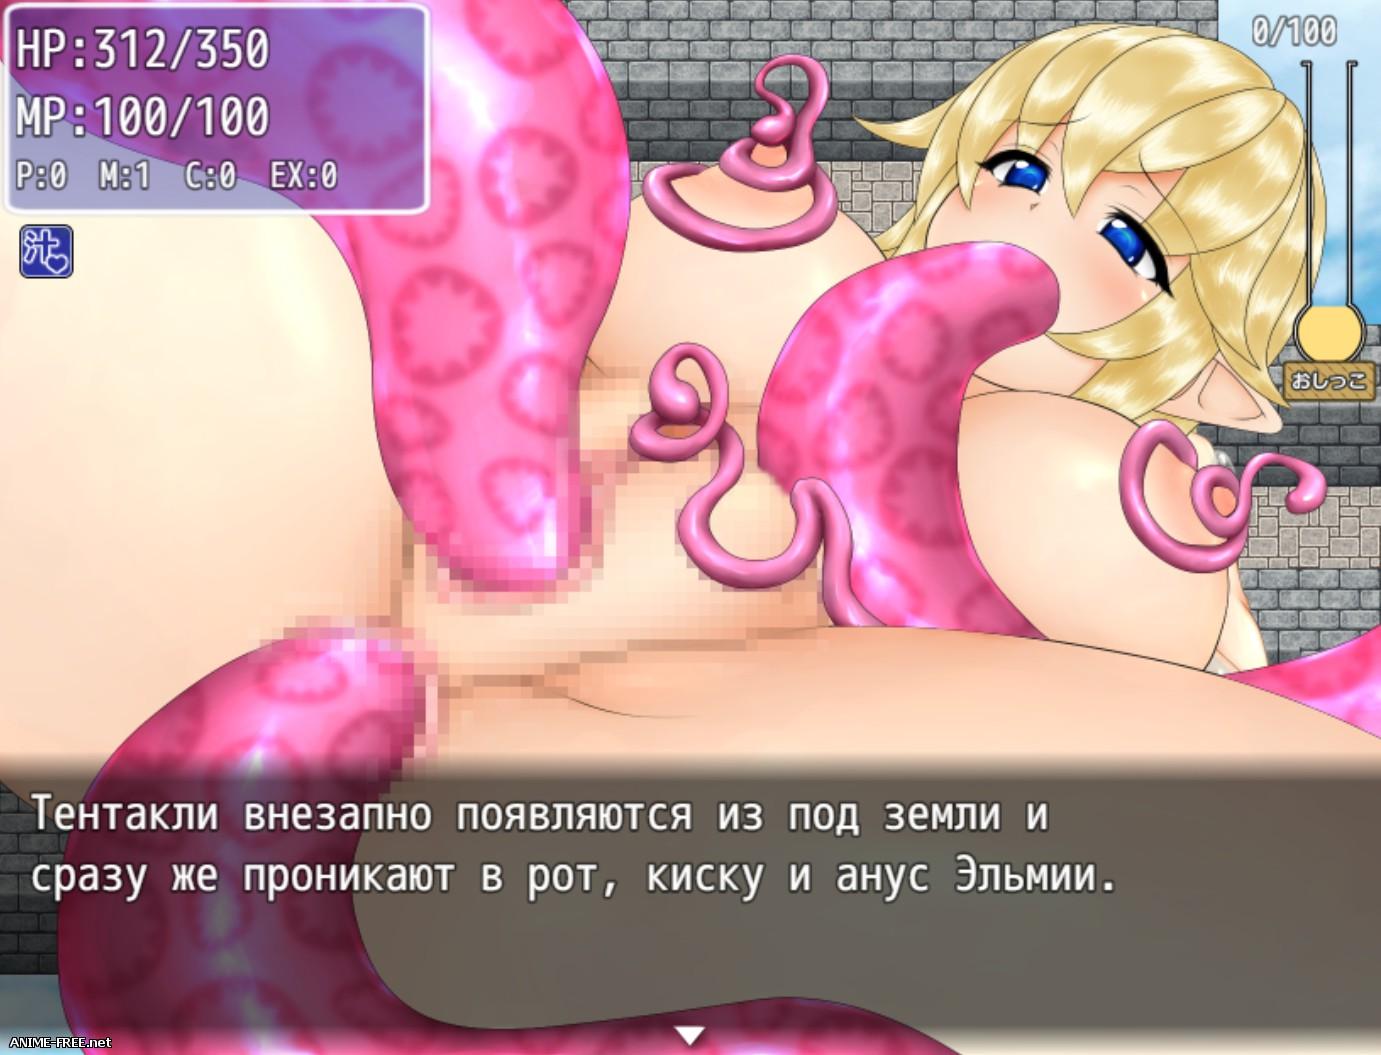 Erotic Trap Dungeon [2017] [Cen] [jRPG] [RUS,ENG] H-Game